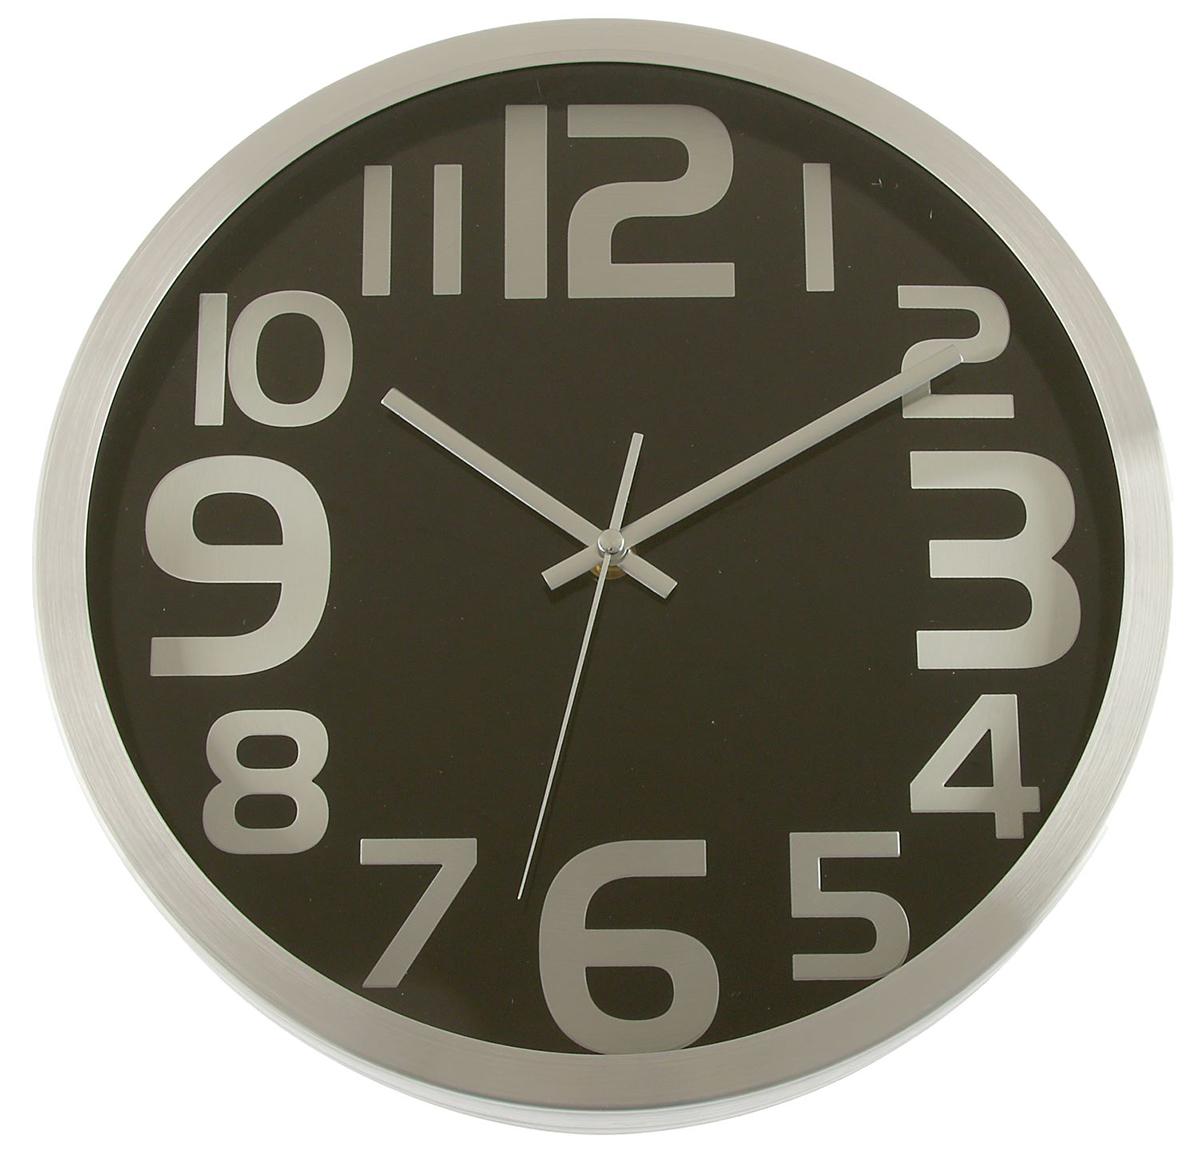 Часы настенные, цвет: хром, черный, диаметр 30 см. 25781272578127Каждому хозяину периодически приходит мысль обновить свою квартиру, сделать ремонт, перестановку или кардинально поменять внешний вид каждой комнаты. — привлекательная деталь, которая поможет воплотить вашу интерьерную идею, создать неповторимую атмосферу в вашем доме. Окружите себя приятными мелочами, пусть они радуют глаз и дарят гармонию.Часы настенные круг, рама хром, циферблат черные, большие цифры хром d=30см 2578127